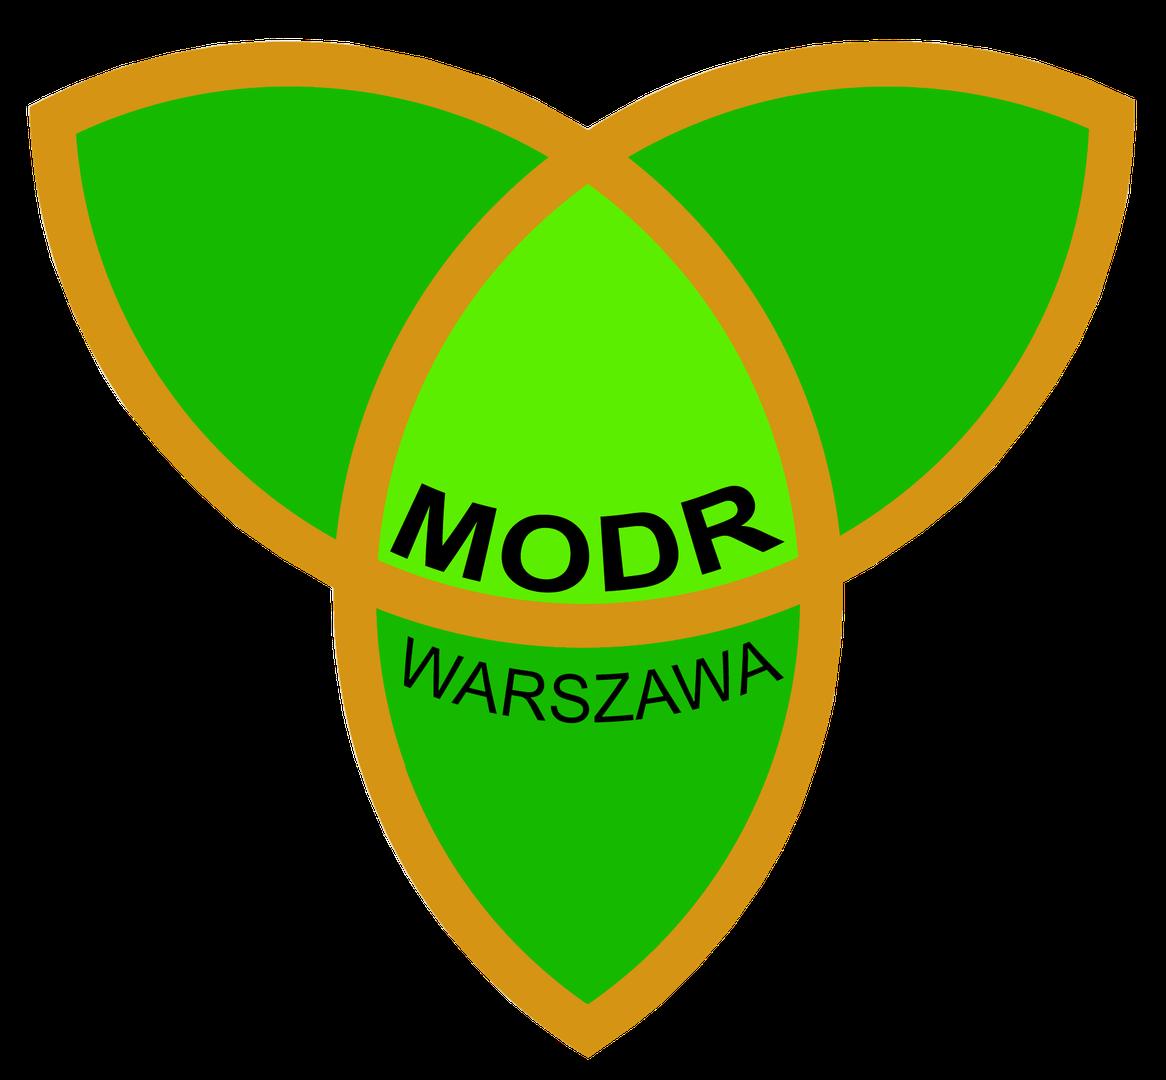 MODR Warszawa